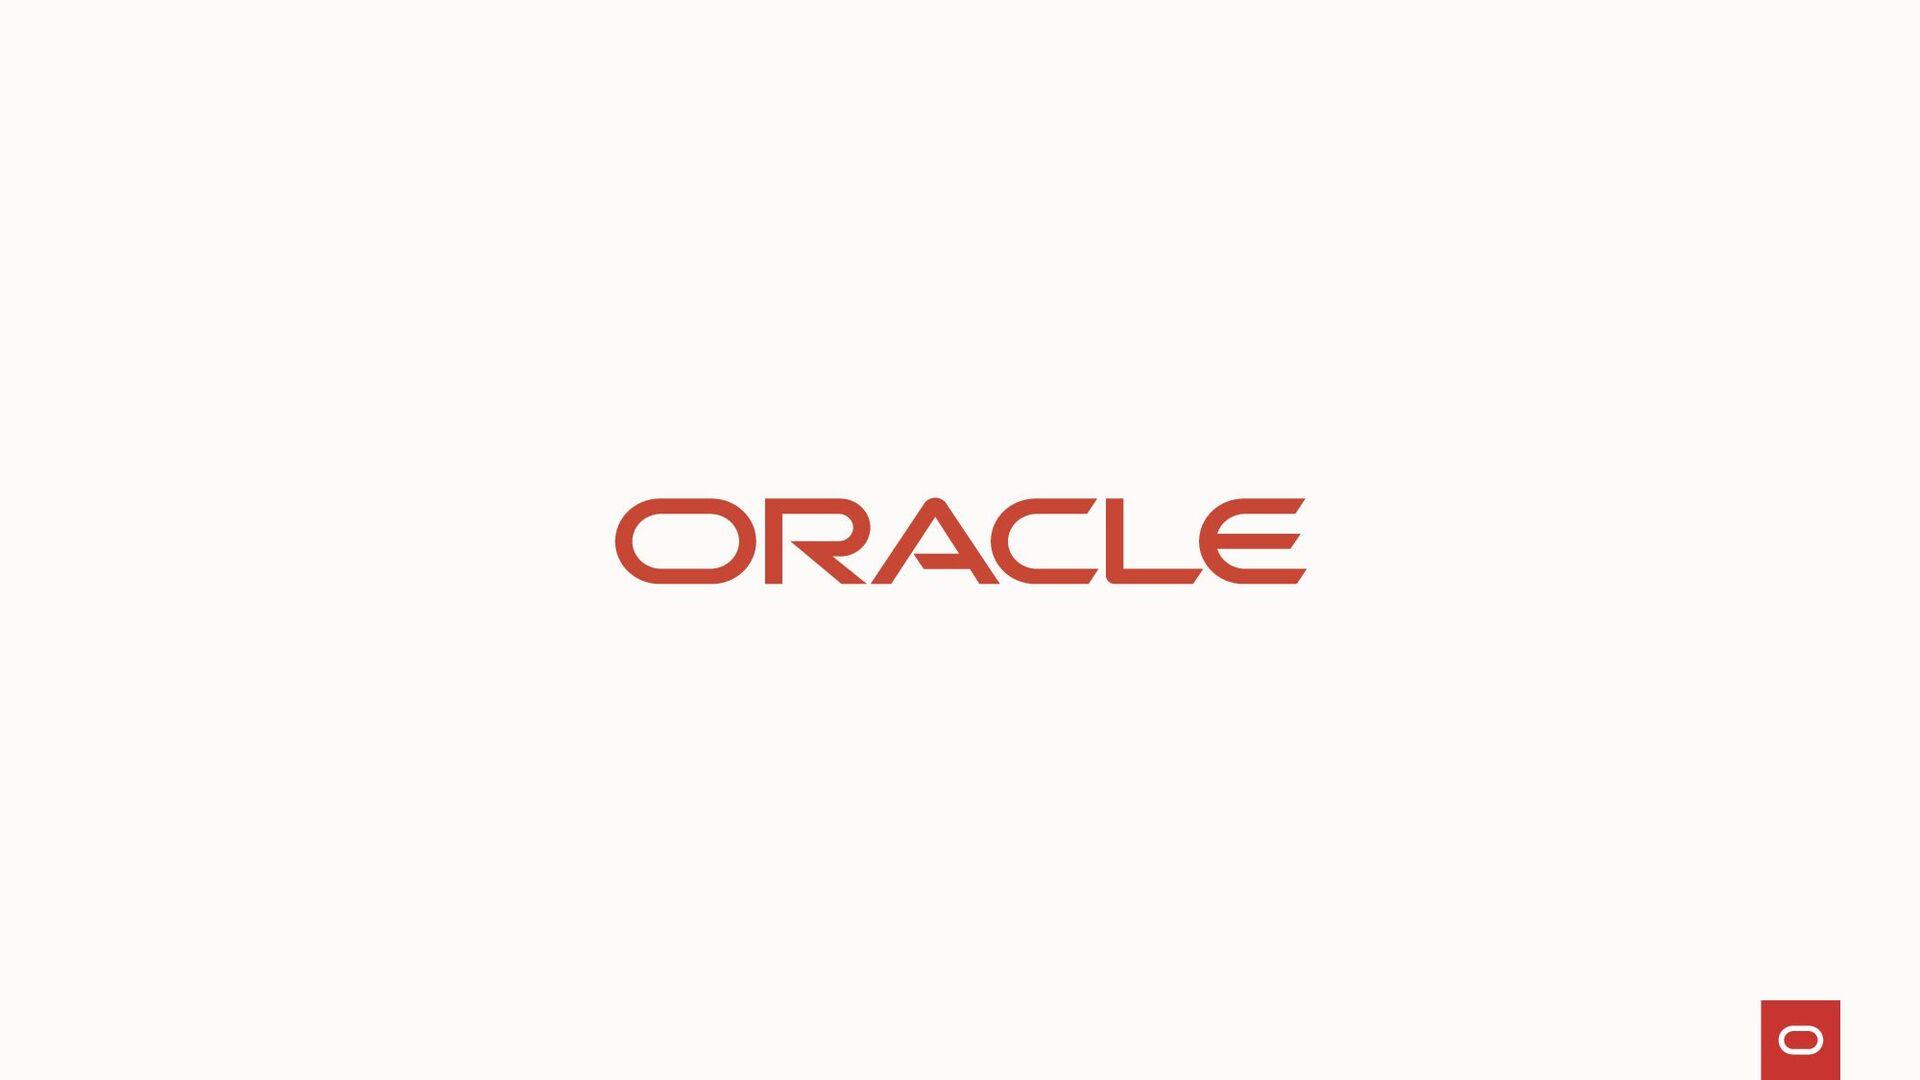 5つの特長によりエンタープライズでのブロックチェーン活用を加速 Oracle Blockcha...